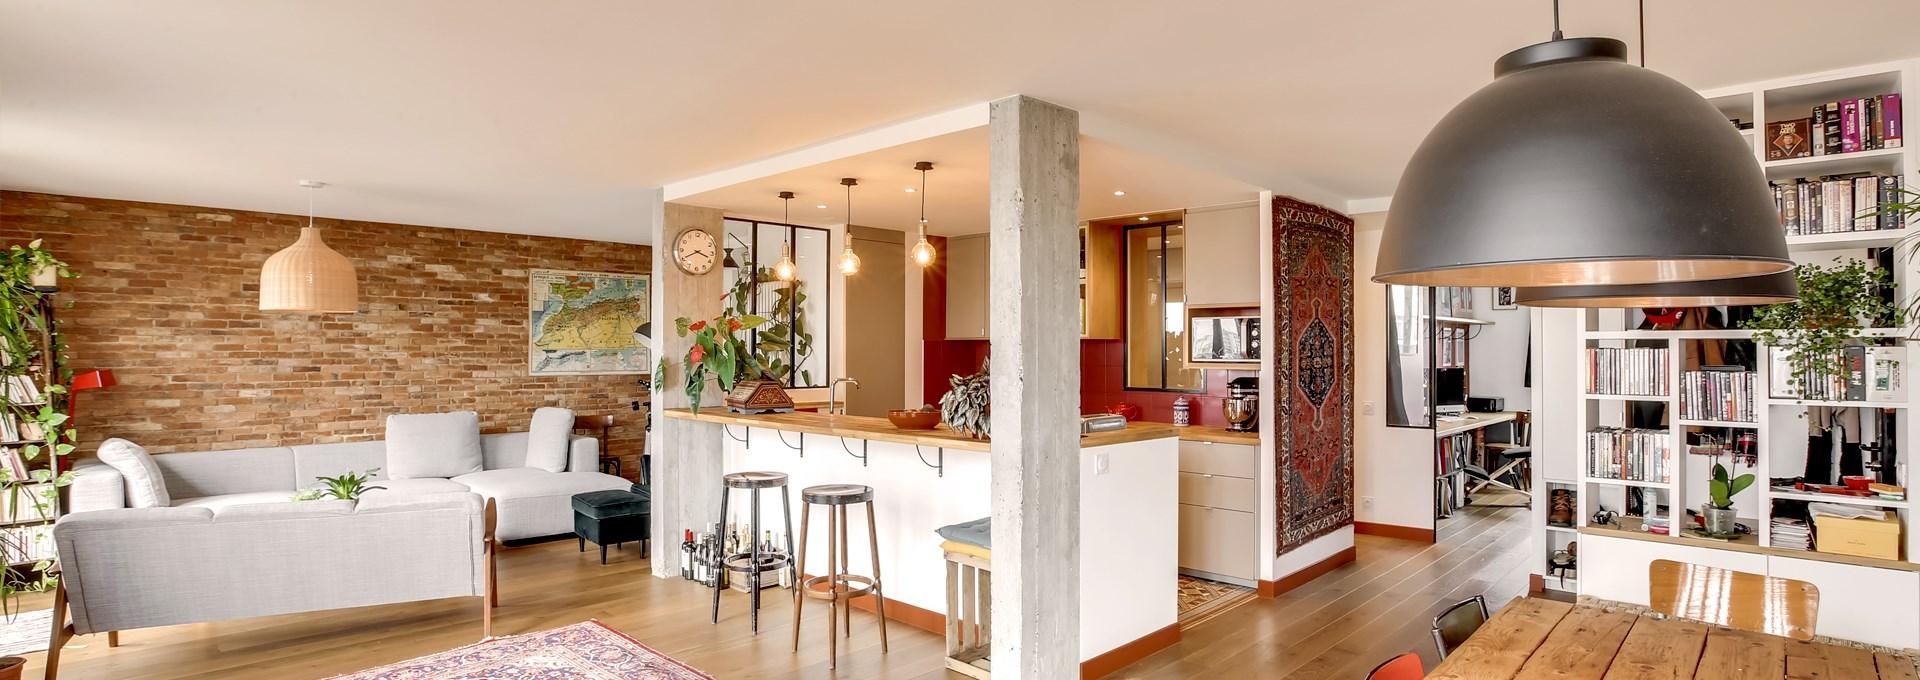 P_Agence-Avous-Loft-brique-verriere-carreaux-ciment-cuisine-centrale